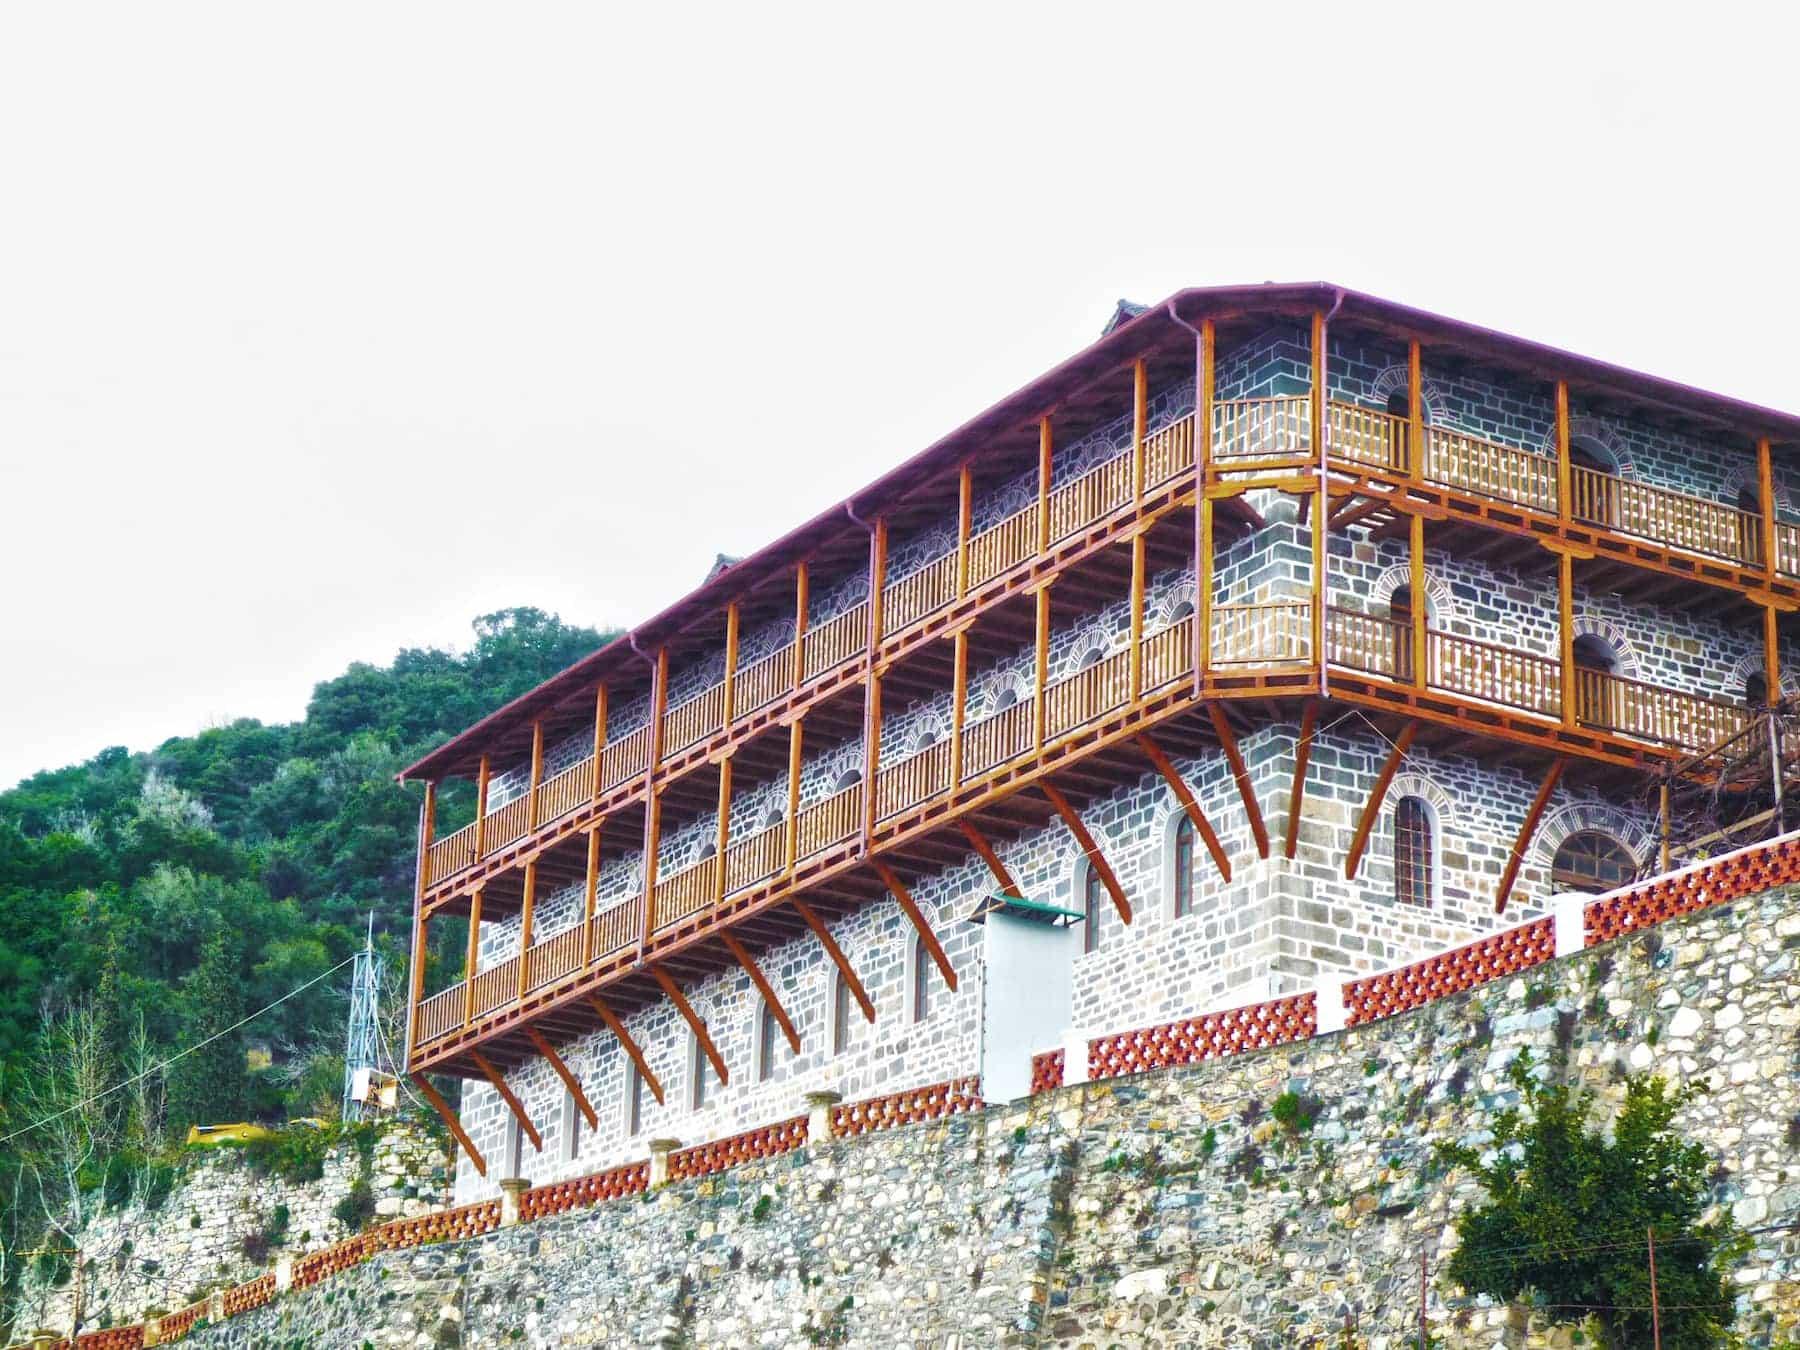 πετρόχτιστο συγκρότημα με ξύλινα κουφώματα ATHOS και περιμετρικό διόροφο ξύλινο μπαλκόνι